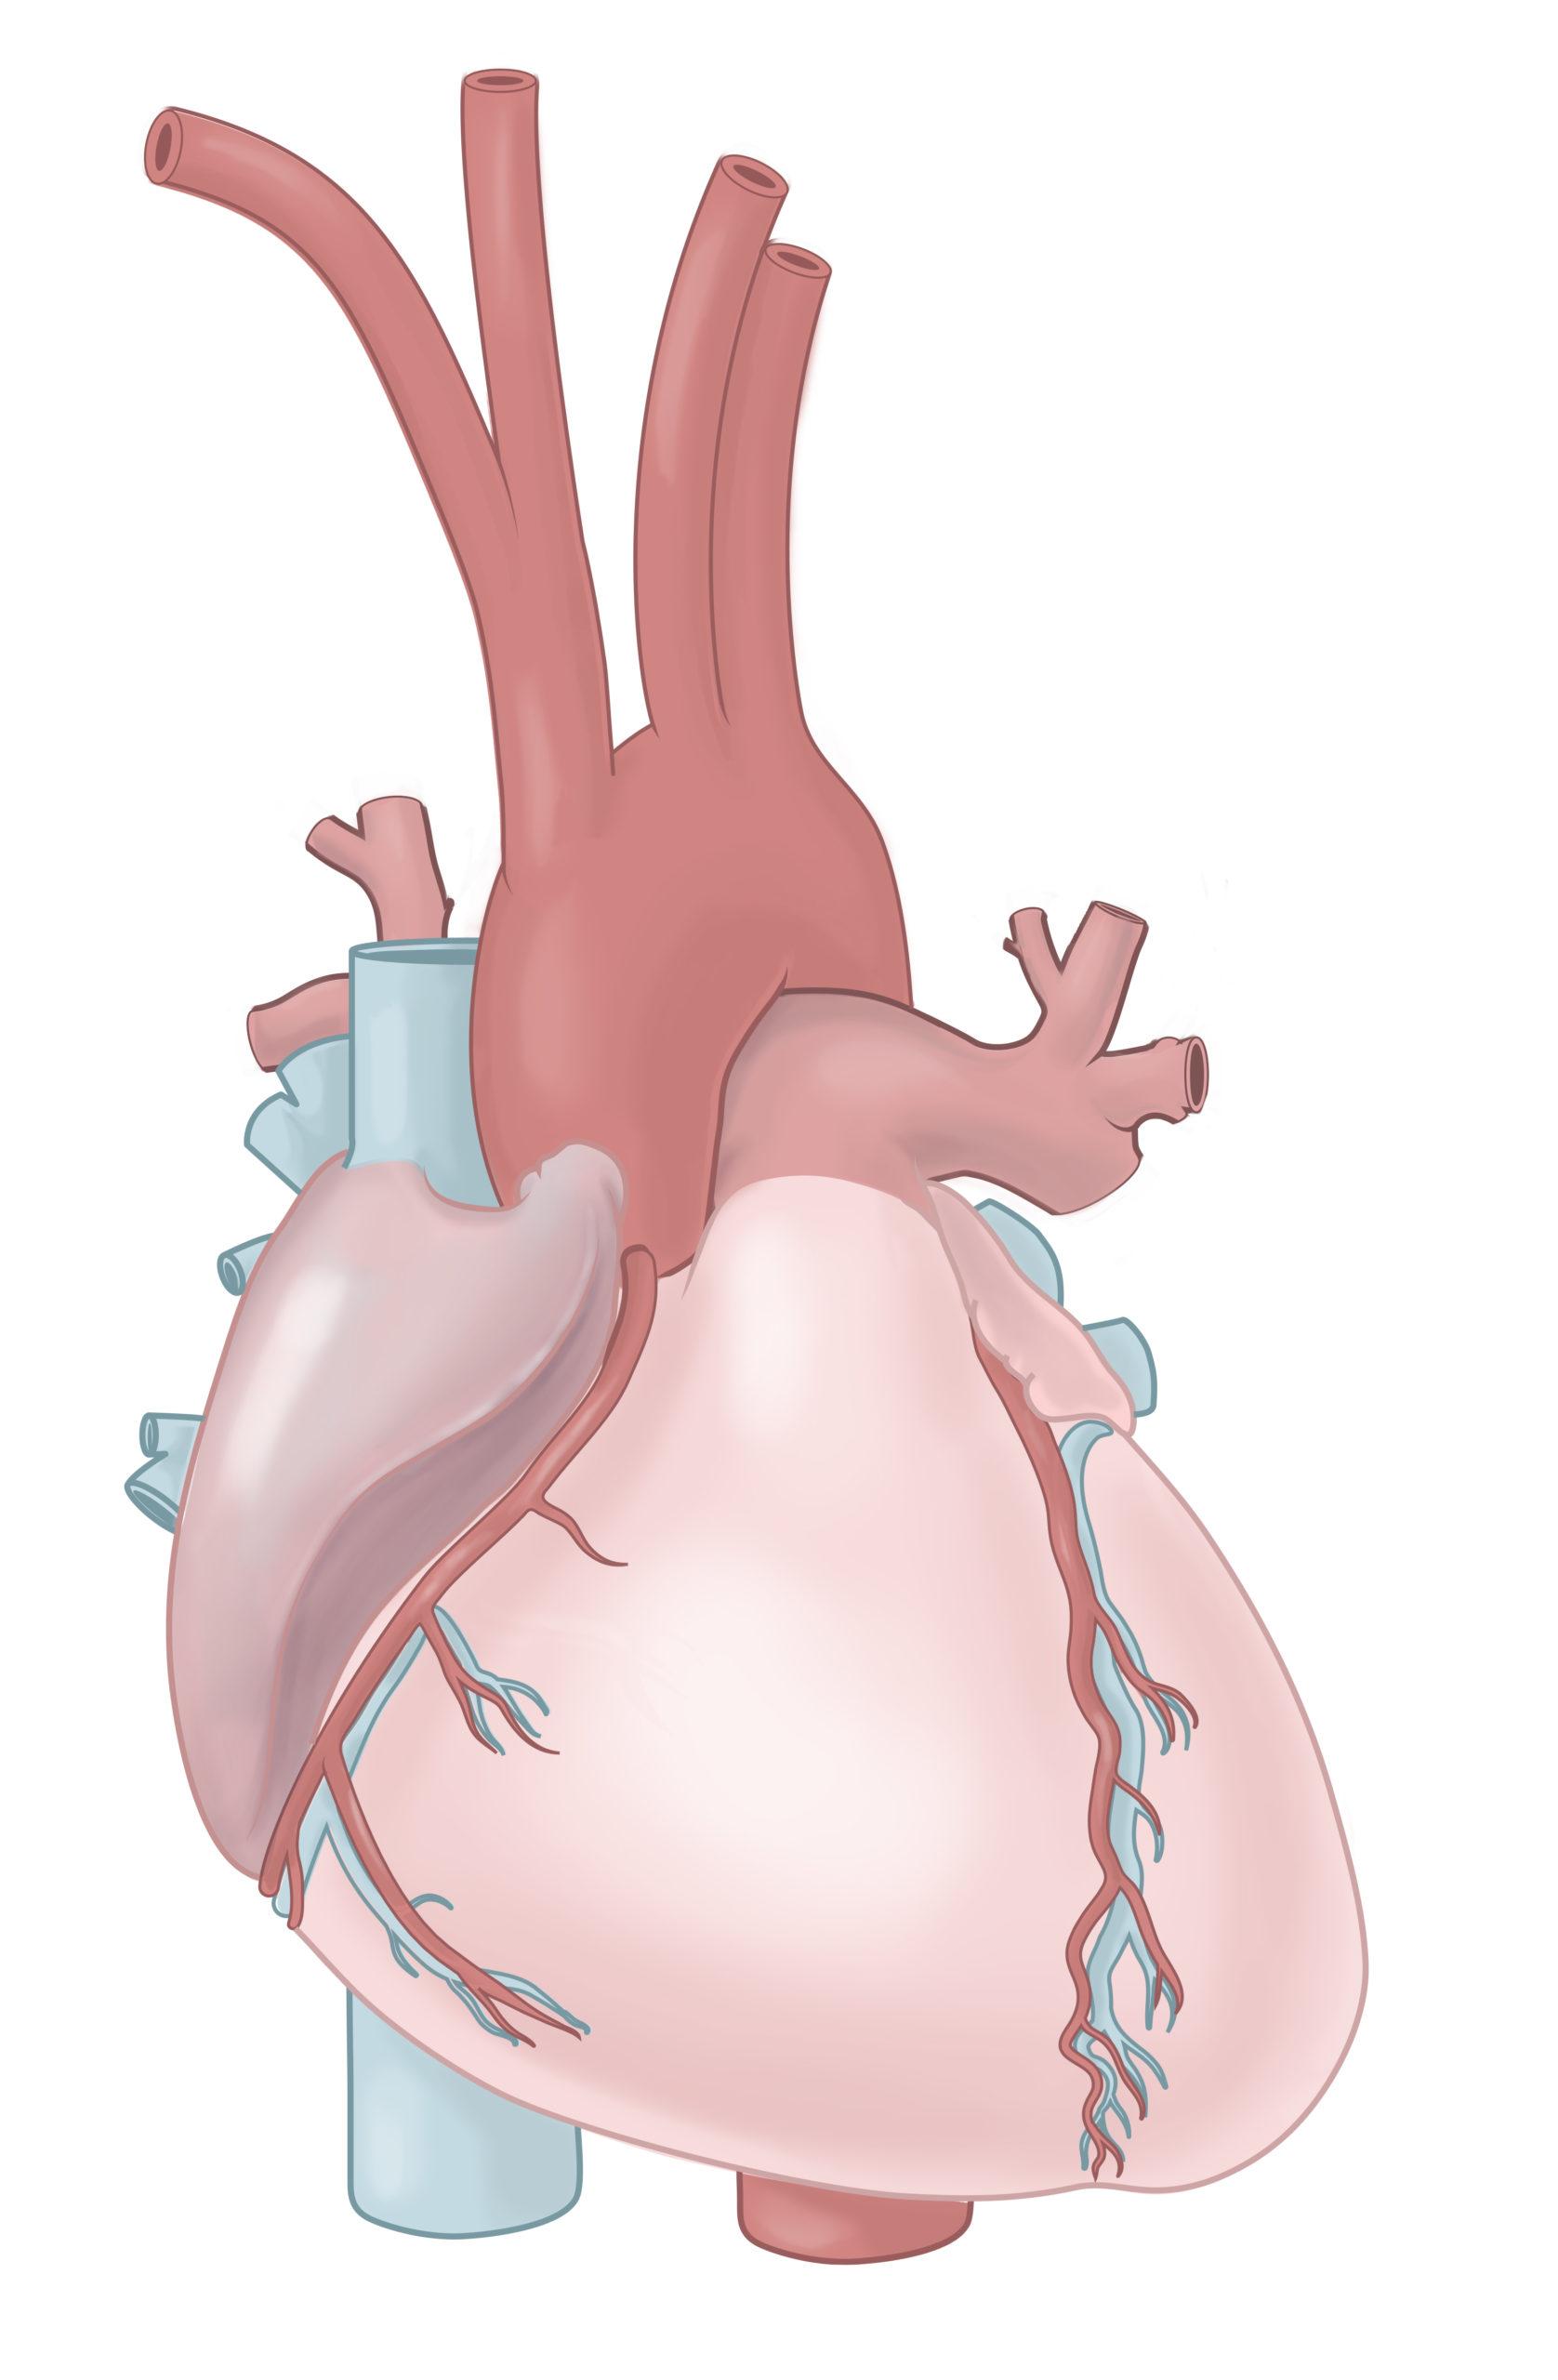 Illustration der anterioren Ansicht des Herzens, Anatomie des Herzens